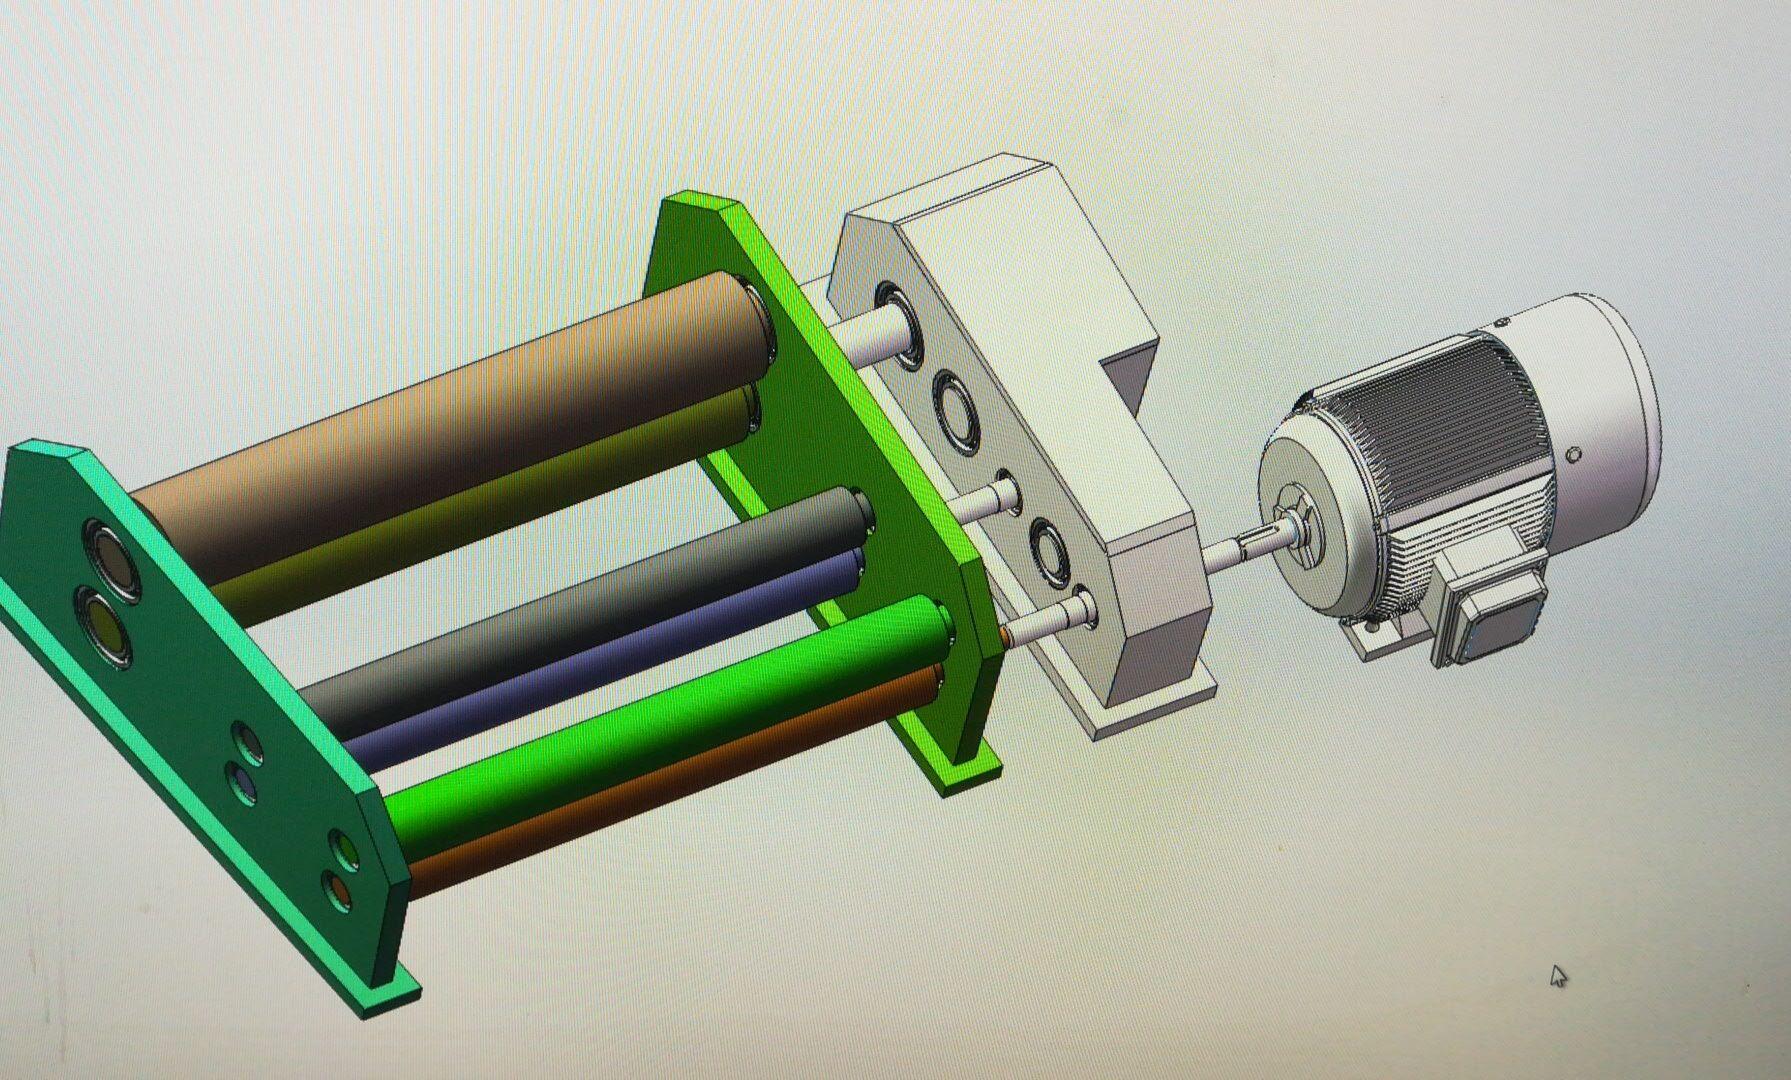 原稿-FA302并条机罗拉牵伸传动机构设计【含全套CAD图纸、SolidWorks三维、毕业论文、任务书】.rar